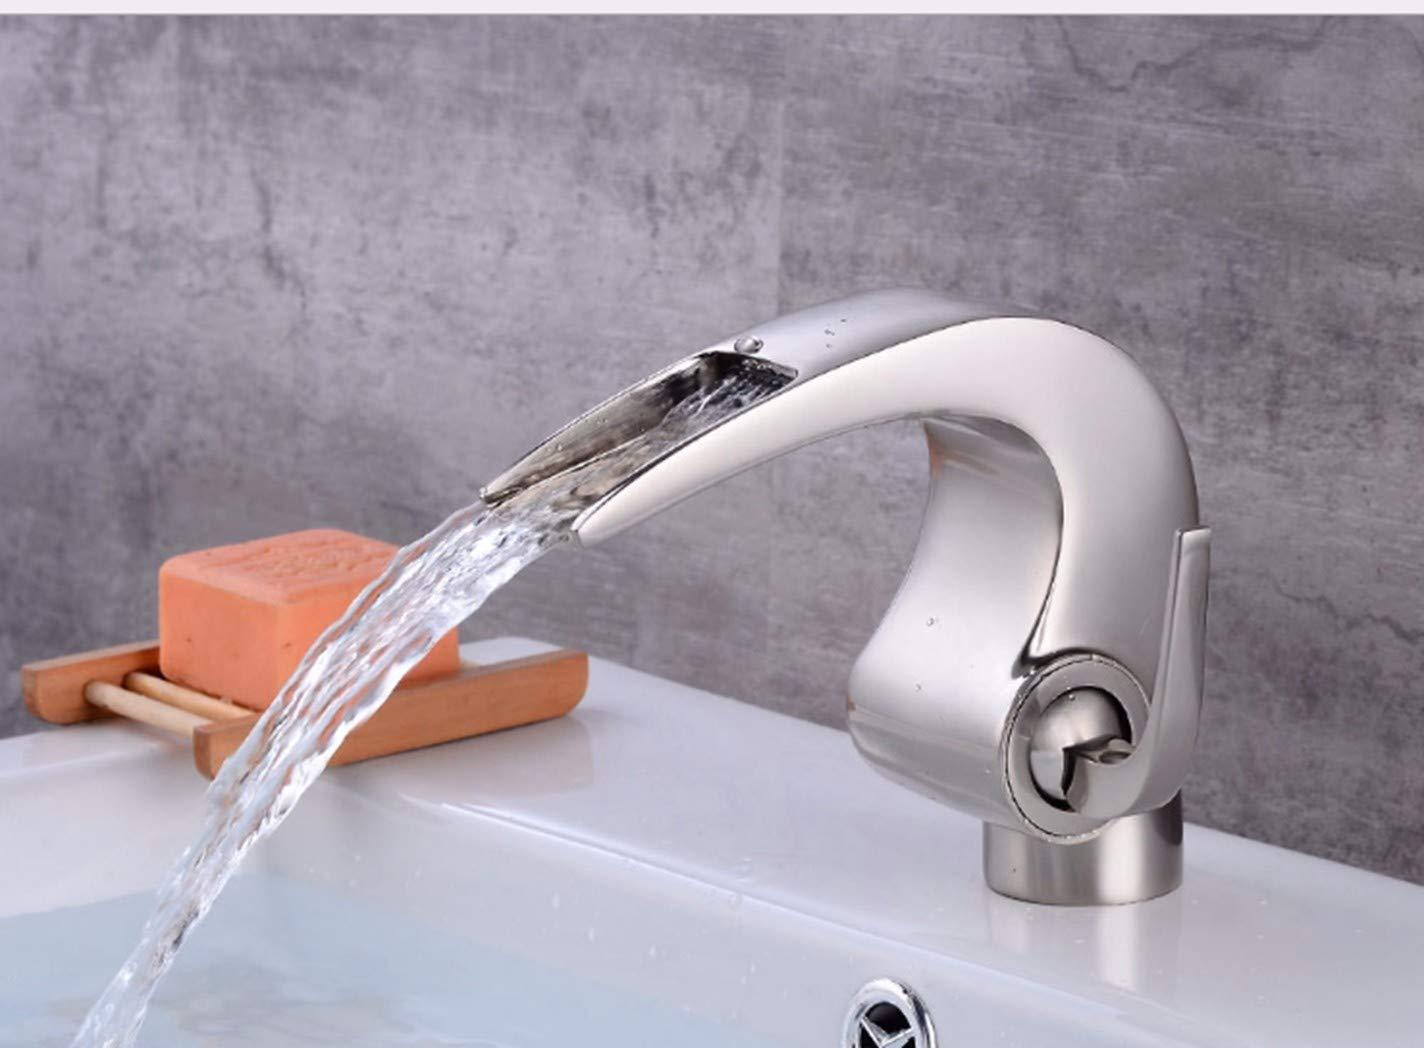 GiiWii Badezimmer Wasserfall Hahn Retro Kupfer Metall Silbrigen Beschichtung Für Waschbecken Kaltes Und Warmes Wasser Mischen